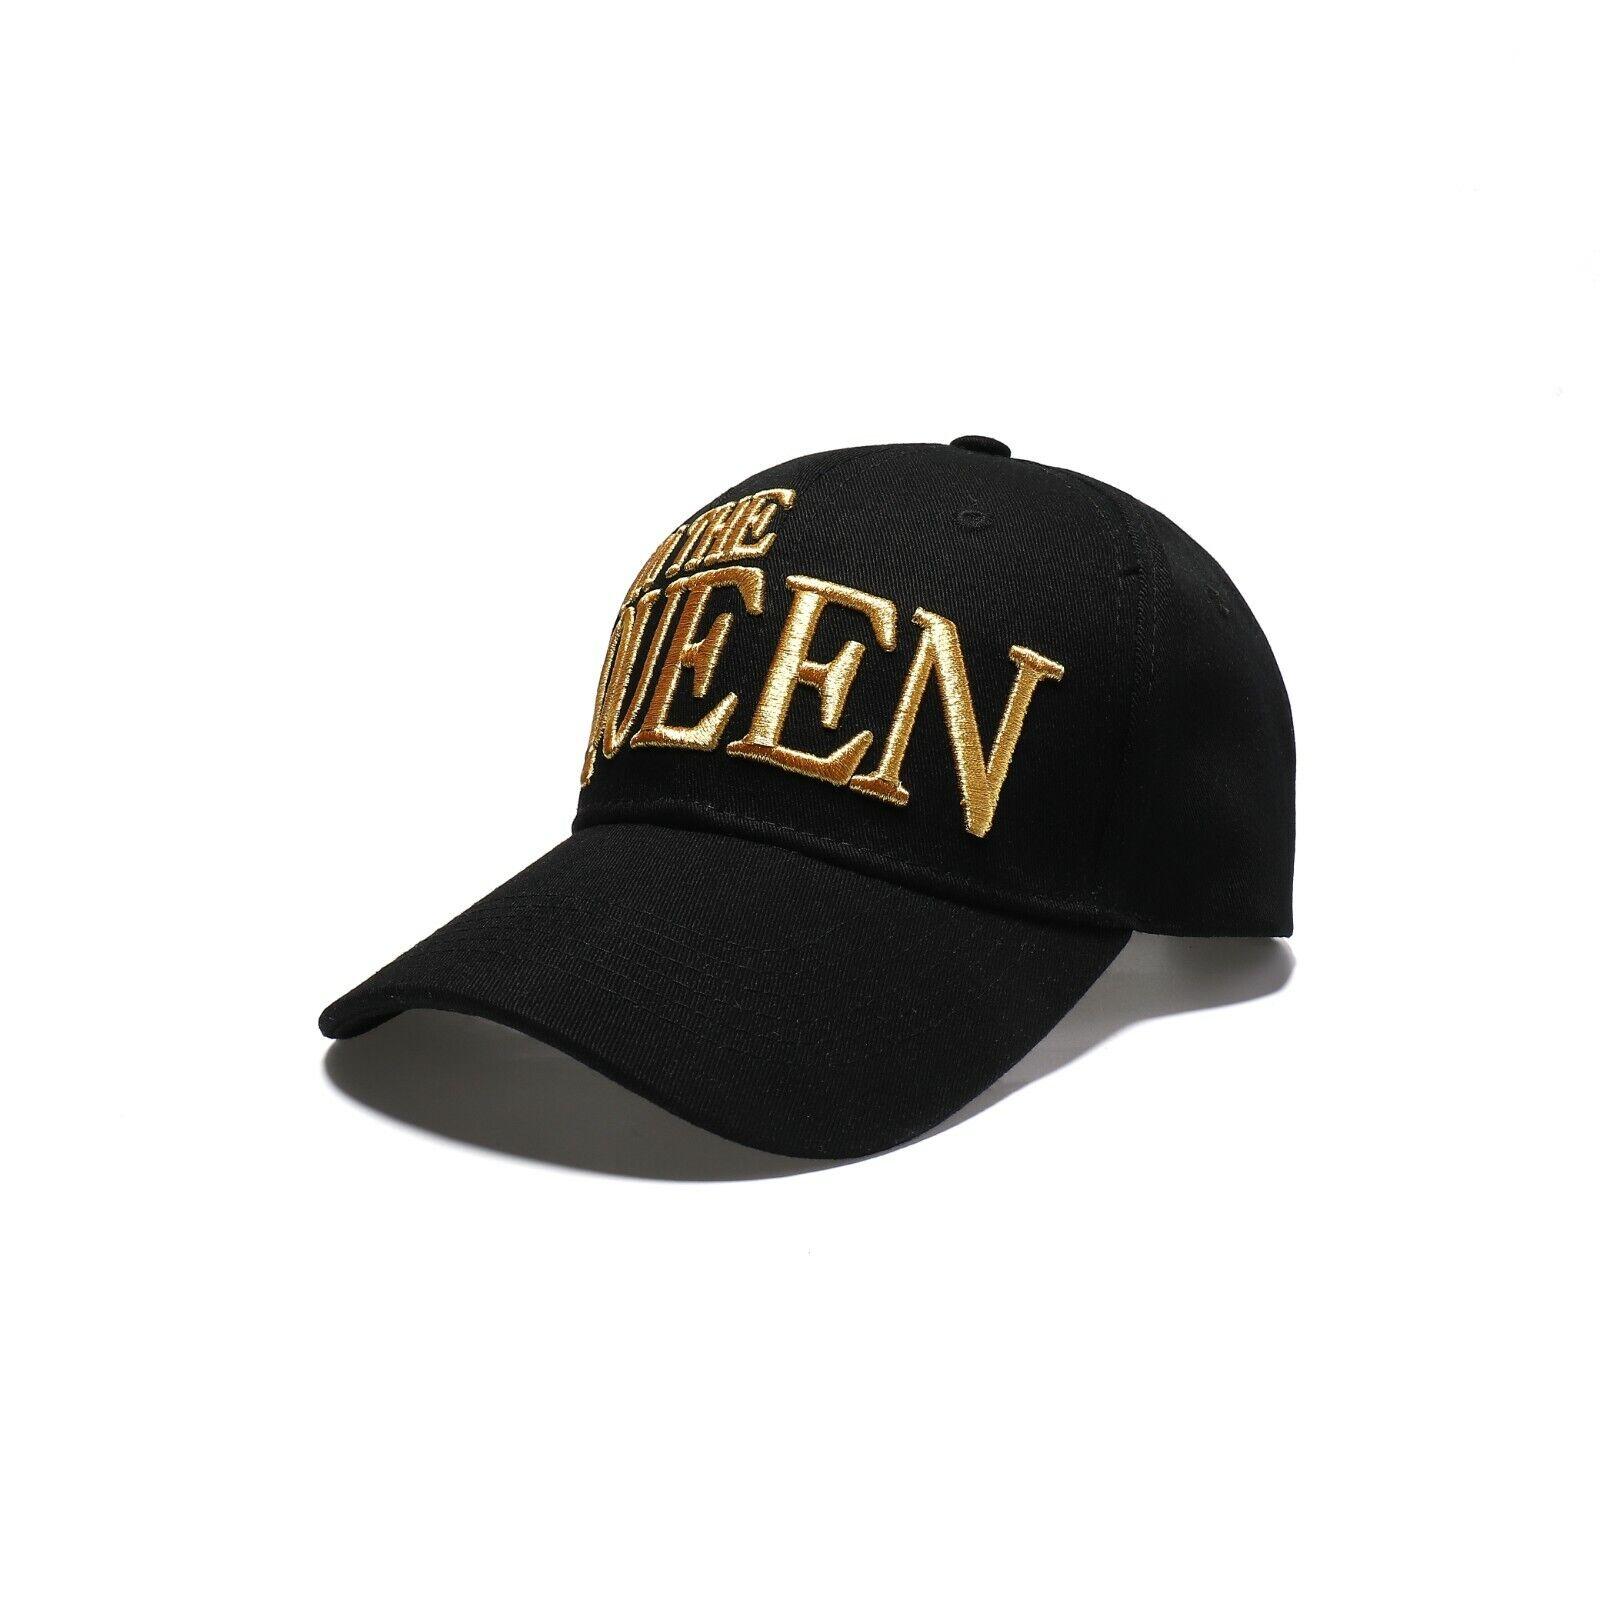 I'M The Queen Baseball Kappe, Gold Hut Damen, Mädchen,Schwarz/Gold